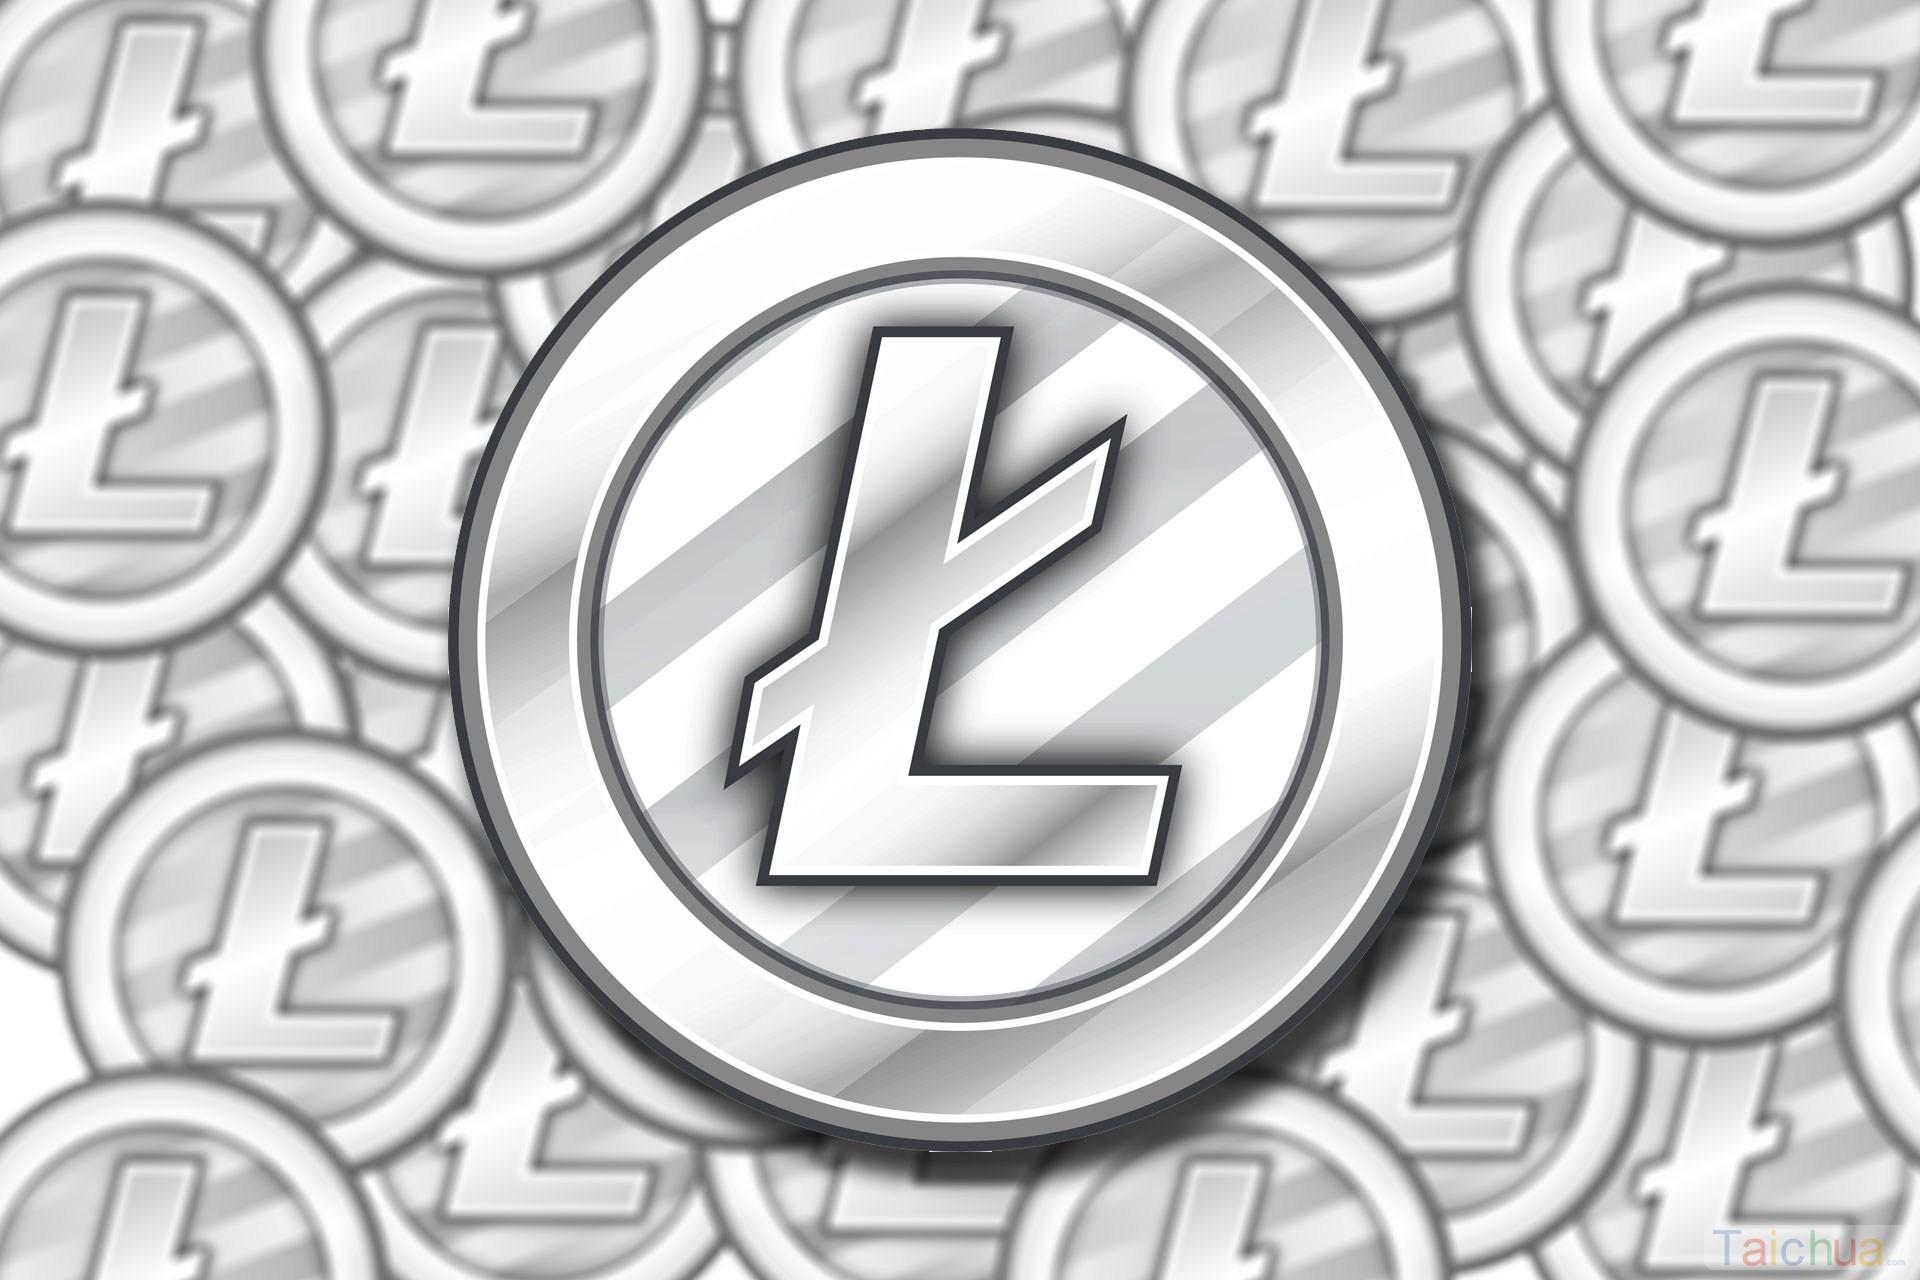 Litecoin là gì? Hướng dẫn chi tiết về Litecoin cho người mới bắt đầu